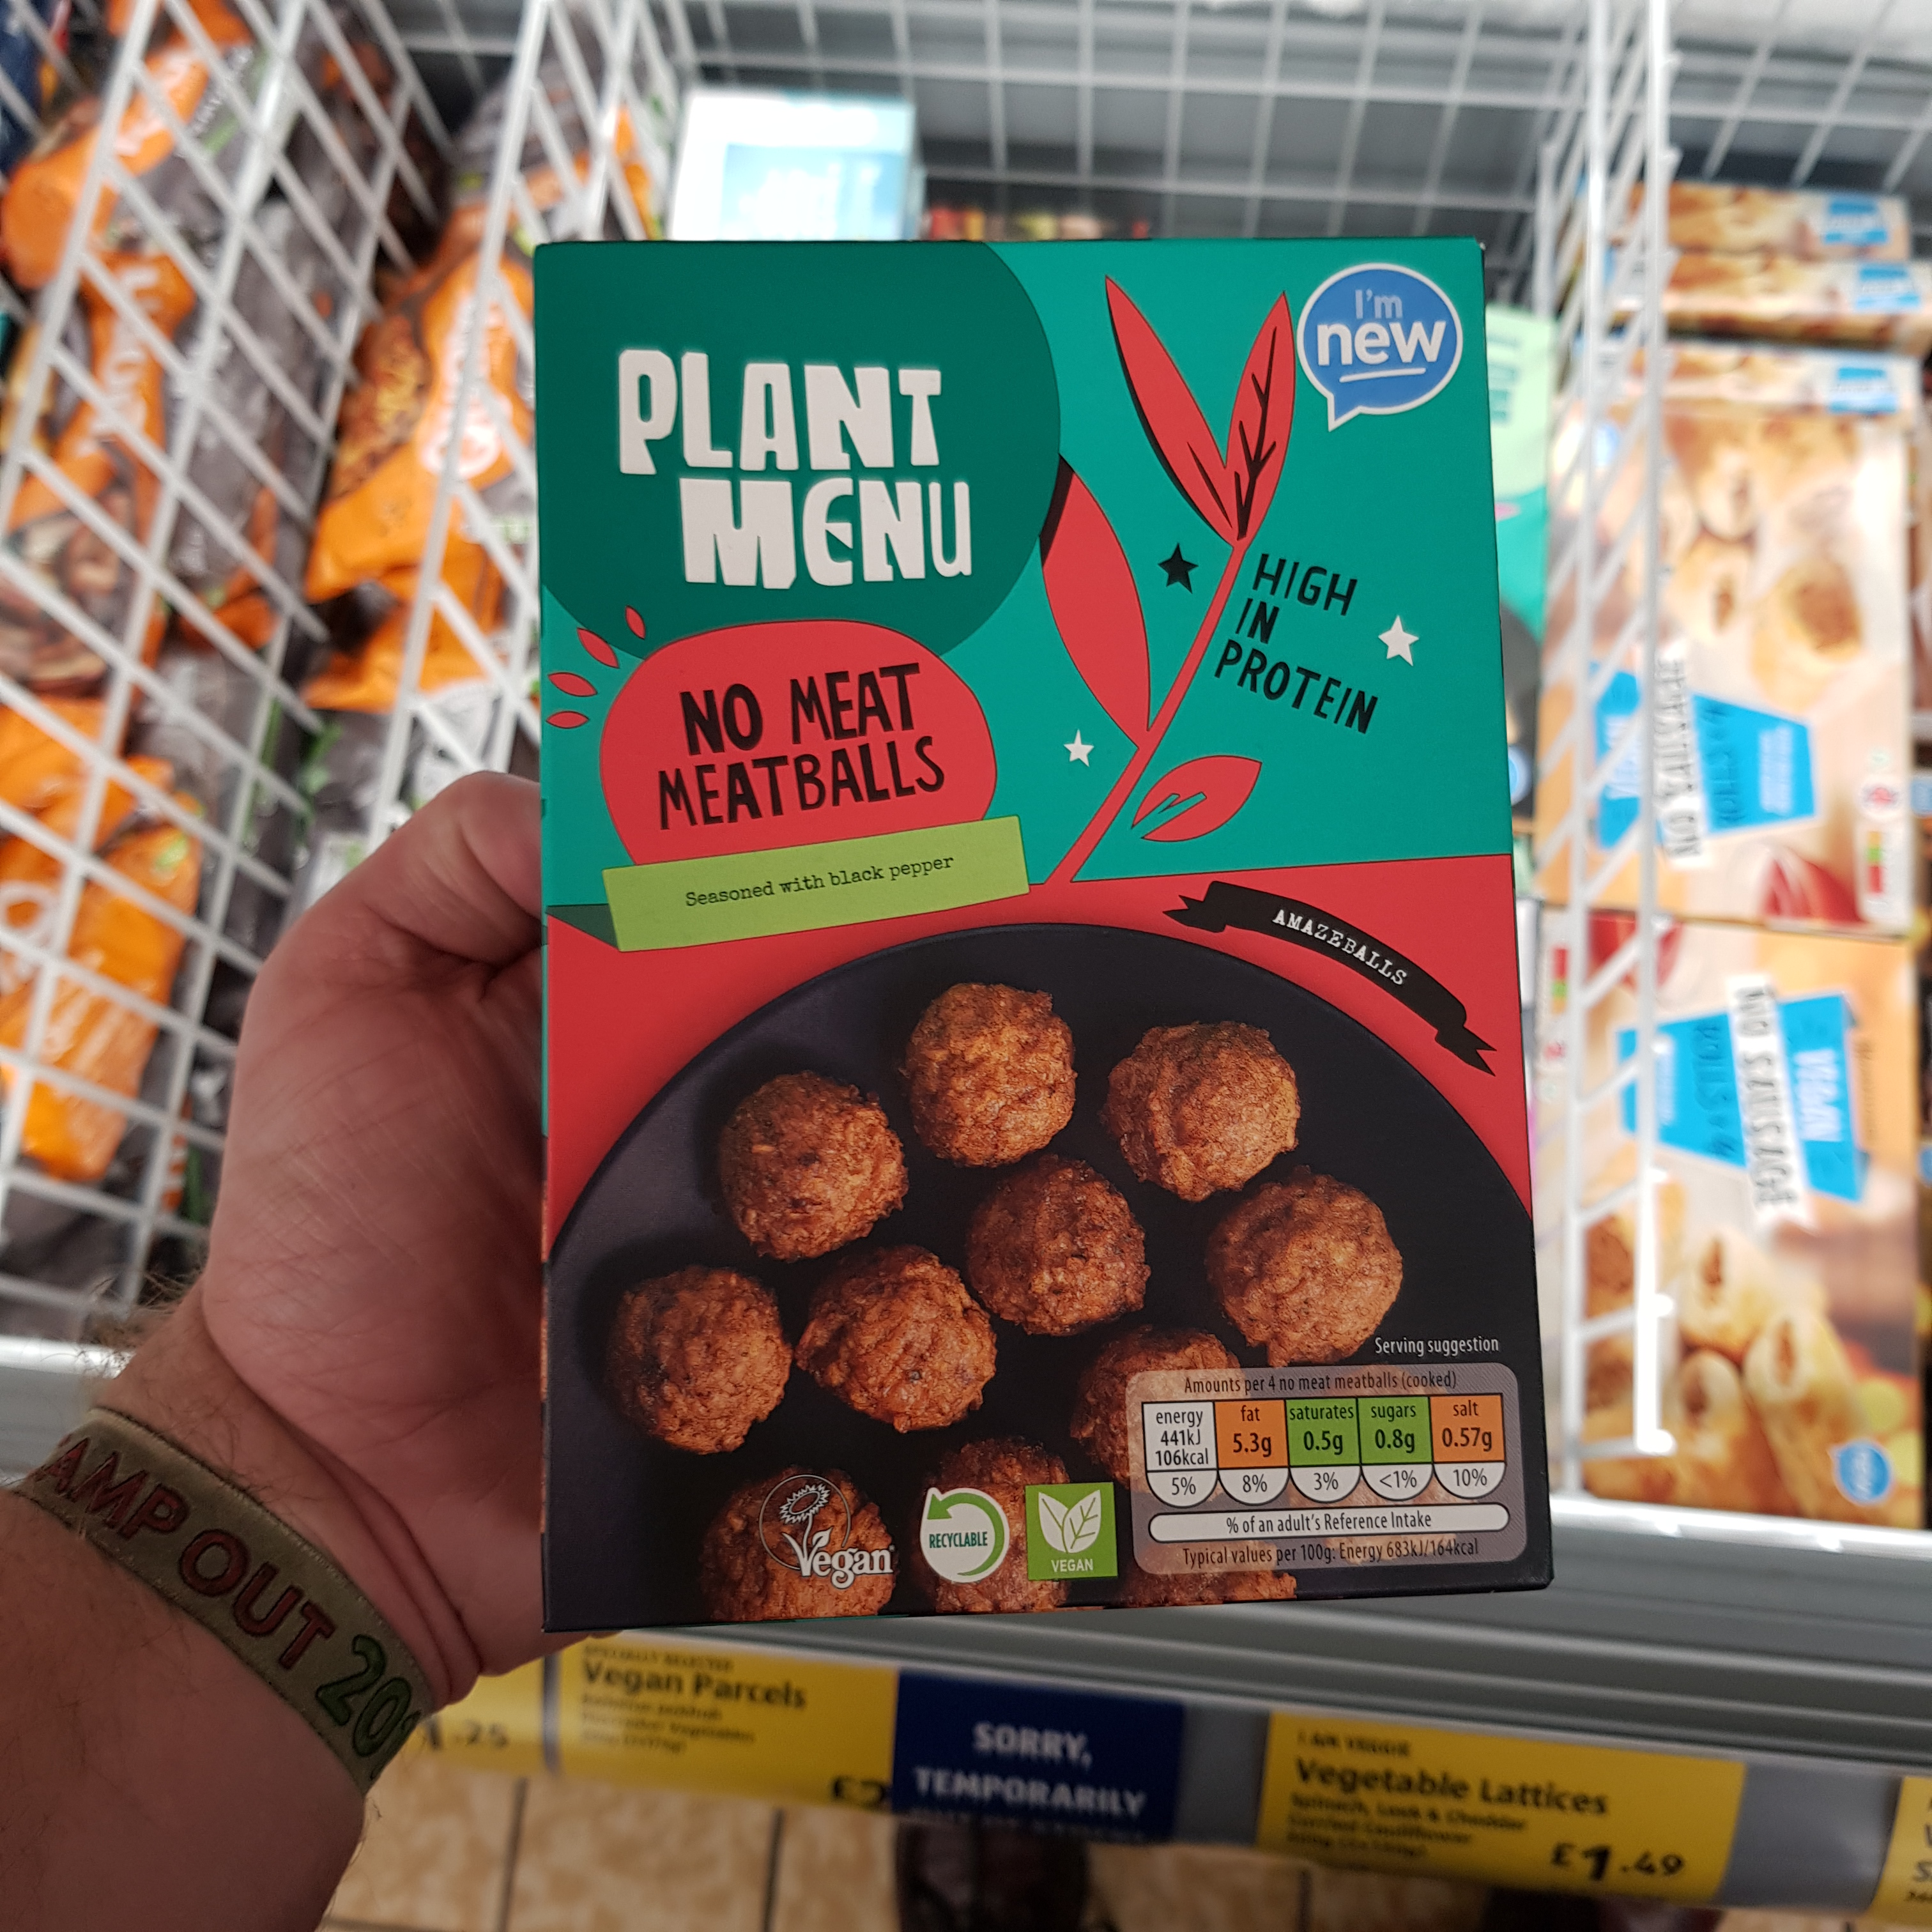 plant menu - no meat meatballs   vegan food uk